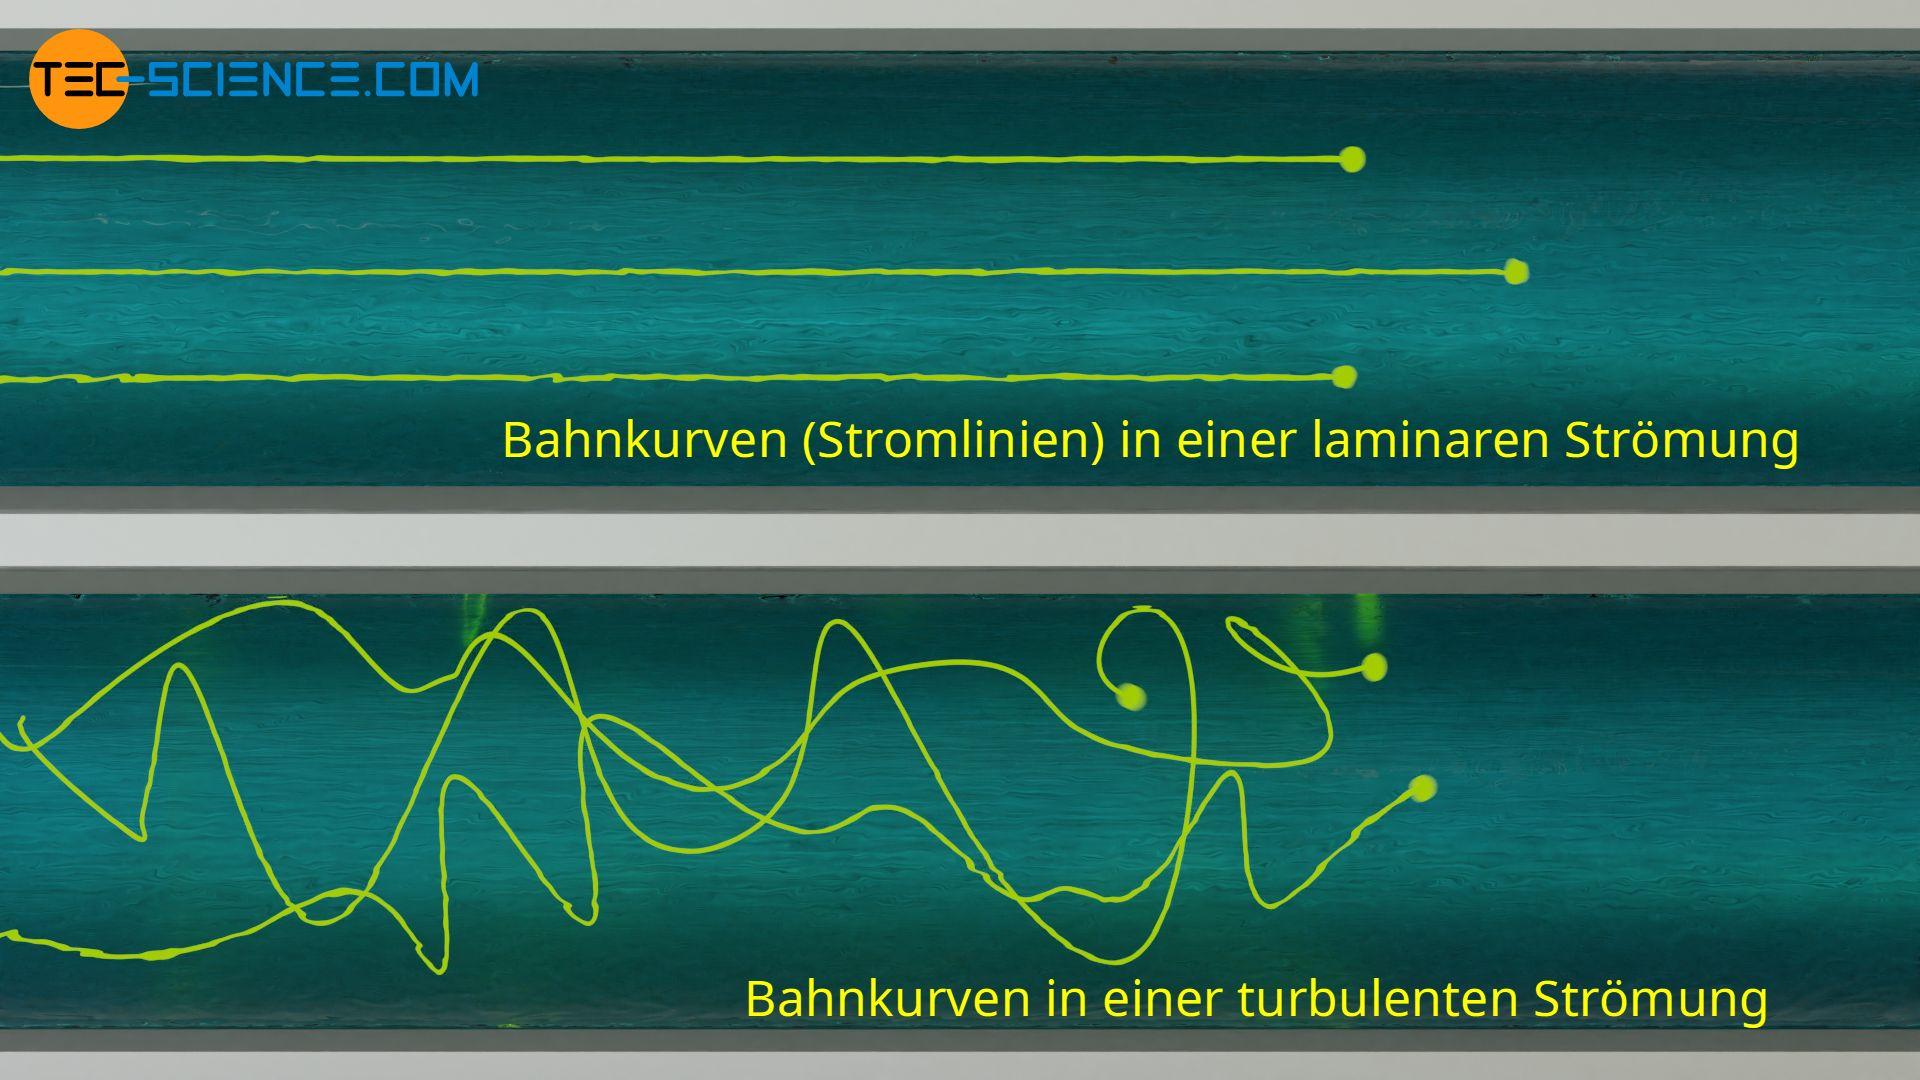 Bahnkurven in einer laminaren und einer turbulenten Strömung